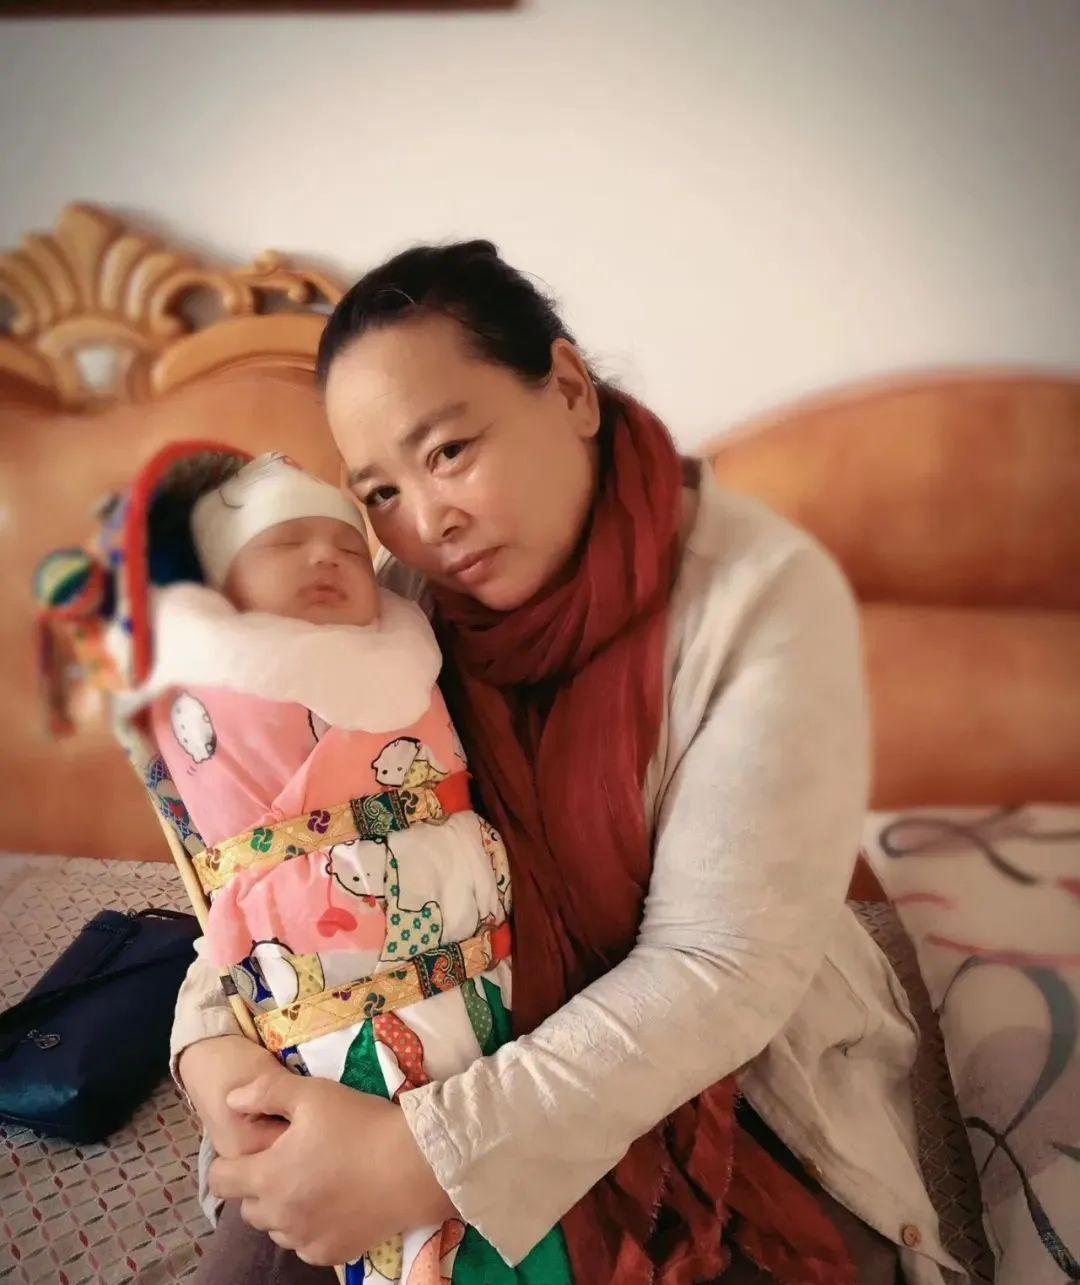 她做的巴尔虎传统摇篮真精致!(Mongol) 第16张 她做的巴尔虎传统摇篮真精致!(Mongol) 蒙古工艺